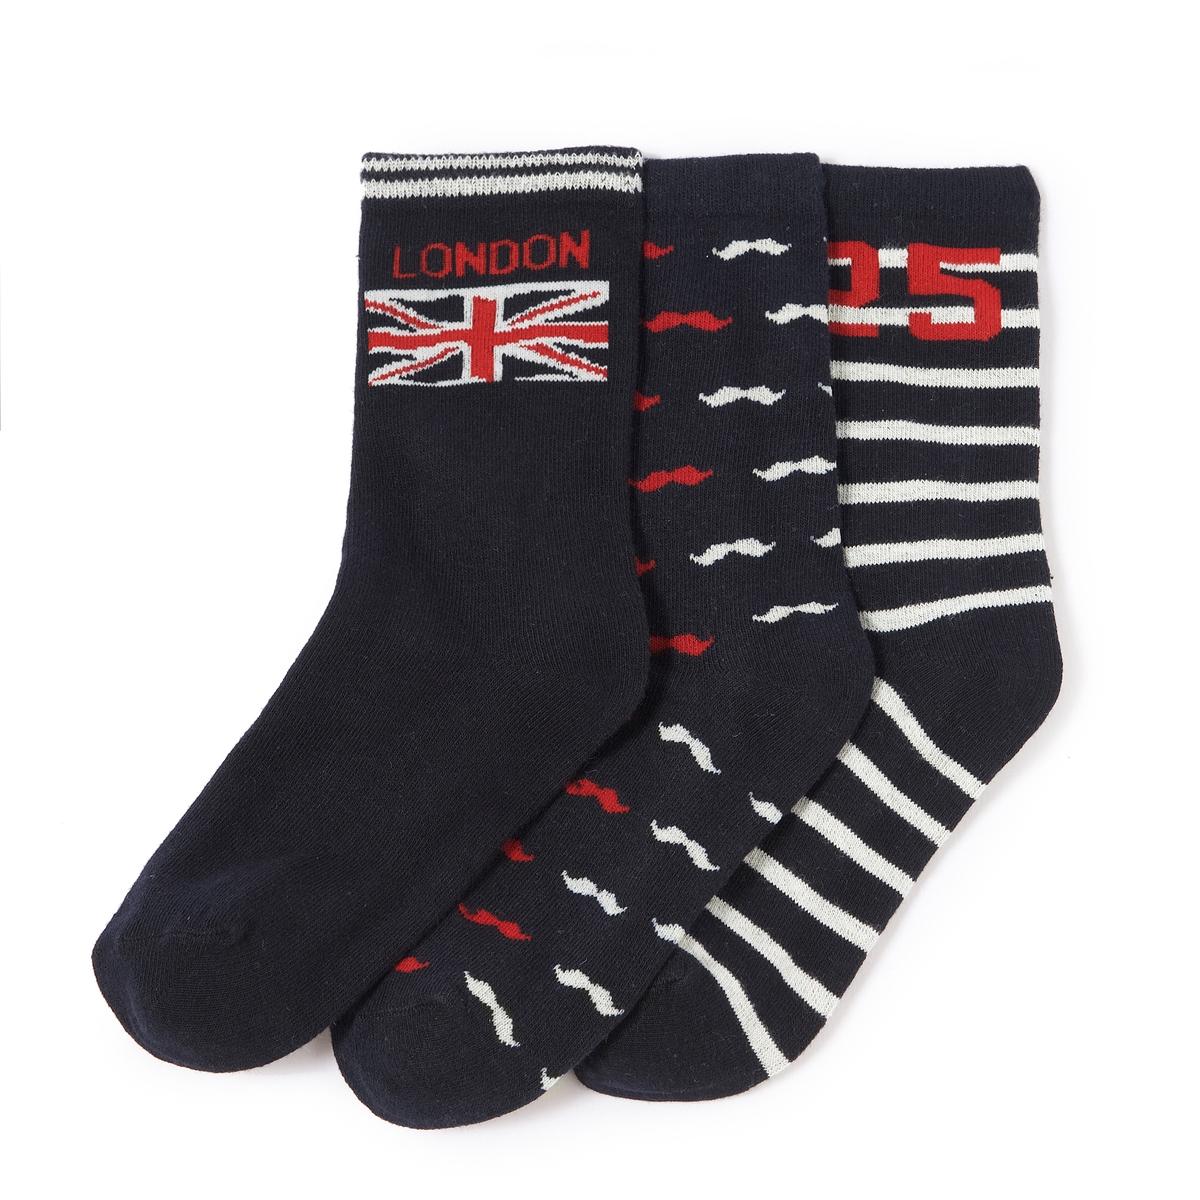 3 пары носков с тематикой Лондон от La Redoute